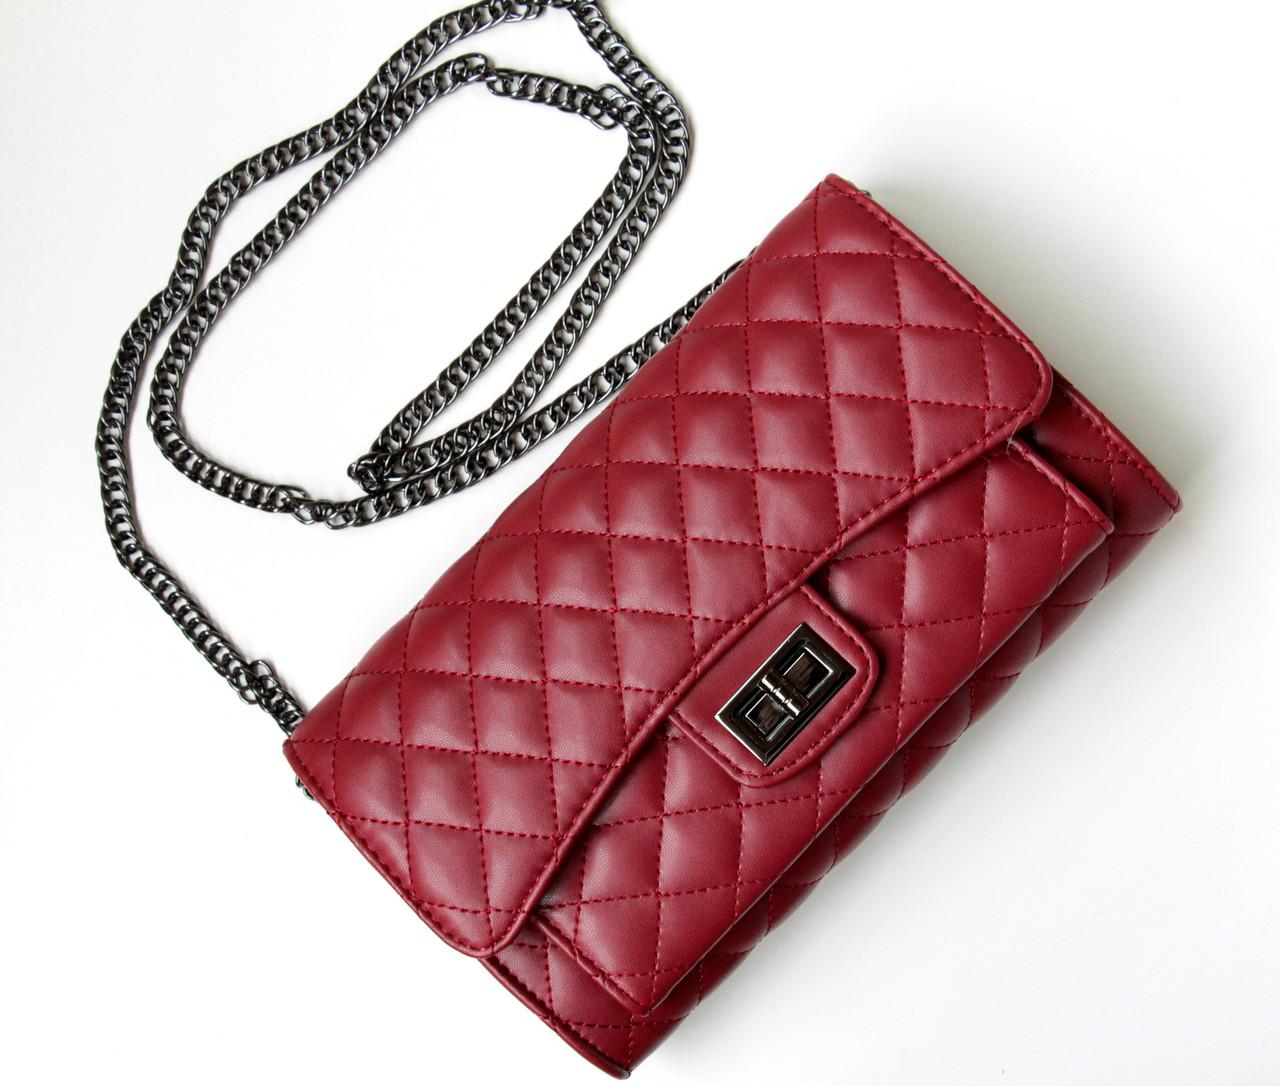 e41a549ef044 Женская сумка Flap mini бордовая 1023, сумка через плечо - Интернет -  магазин MaxTrade в